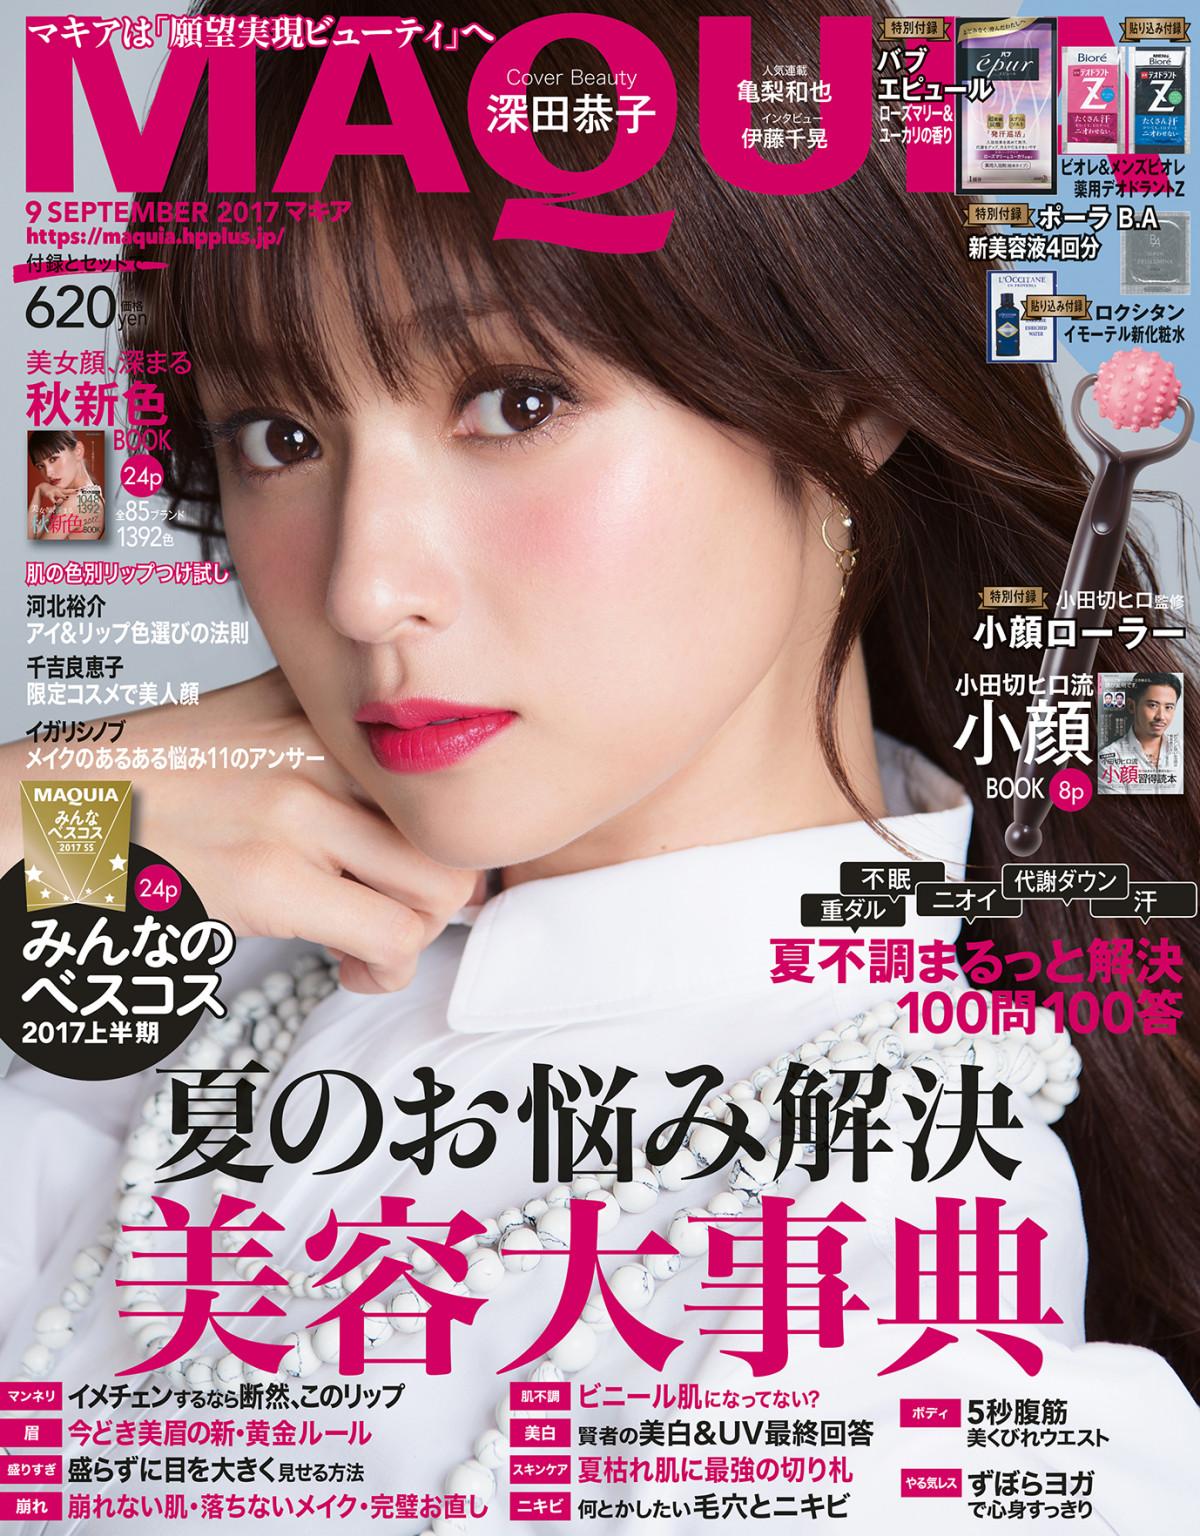 マキア9月号、一部地域で本日発売です。表紙は深田恭子さん。小田切ヒロさん監修「小顔ローラー」ついてます。「小顔習得読本」「秋新色BOOK」「みんなのベスコス」開催!